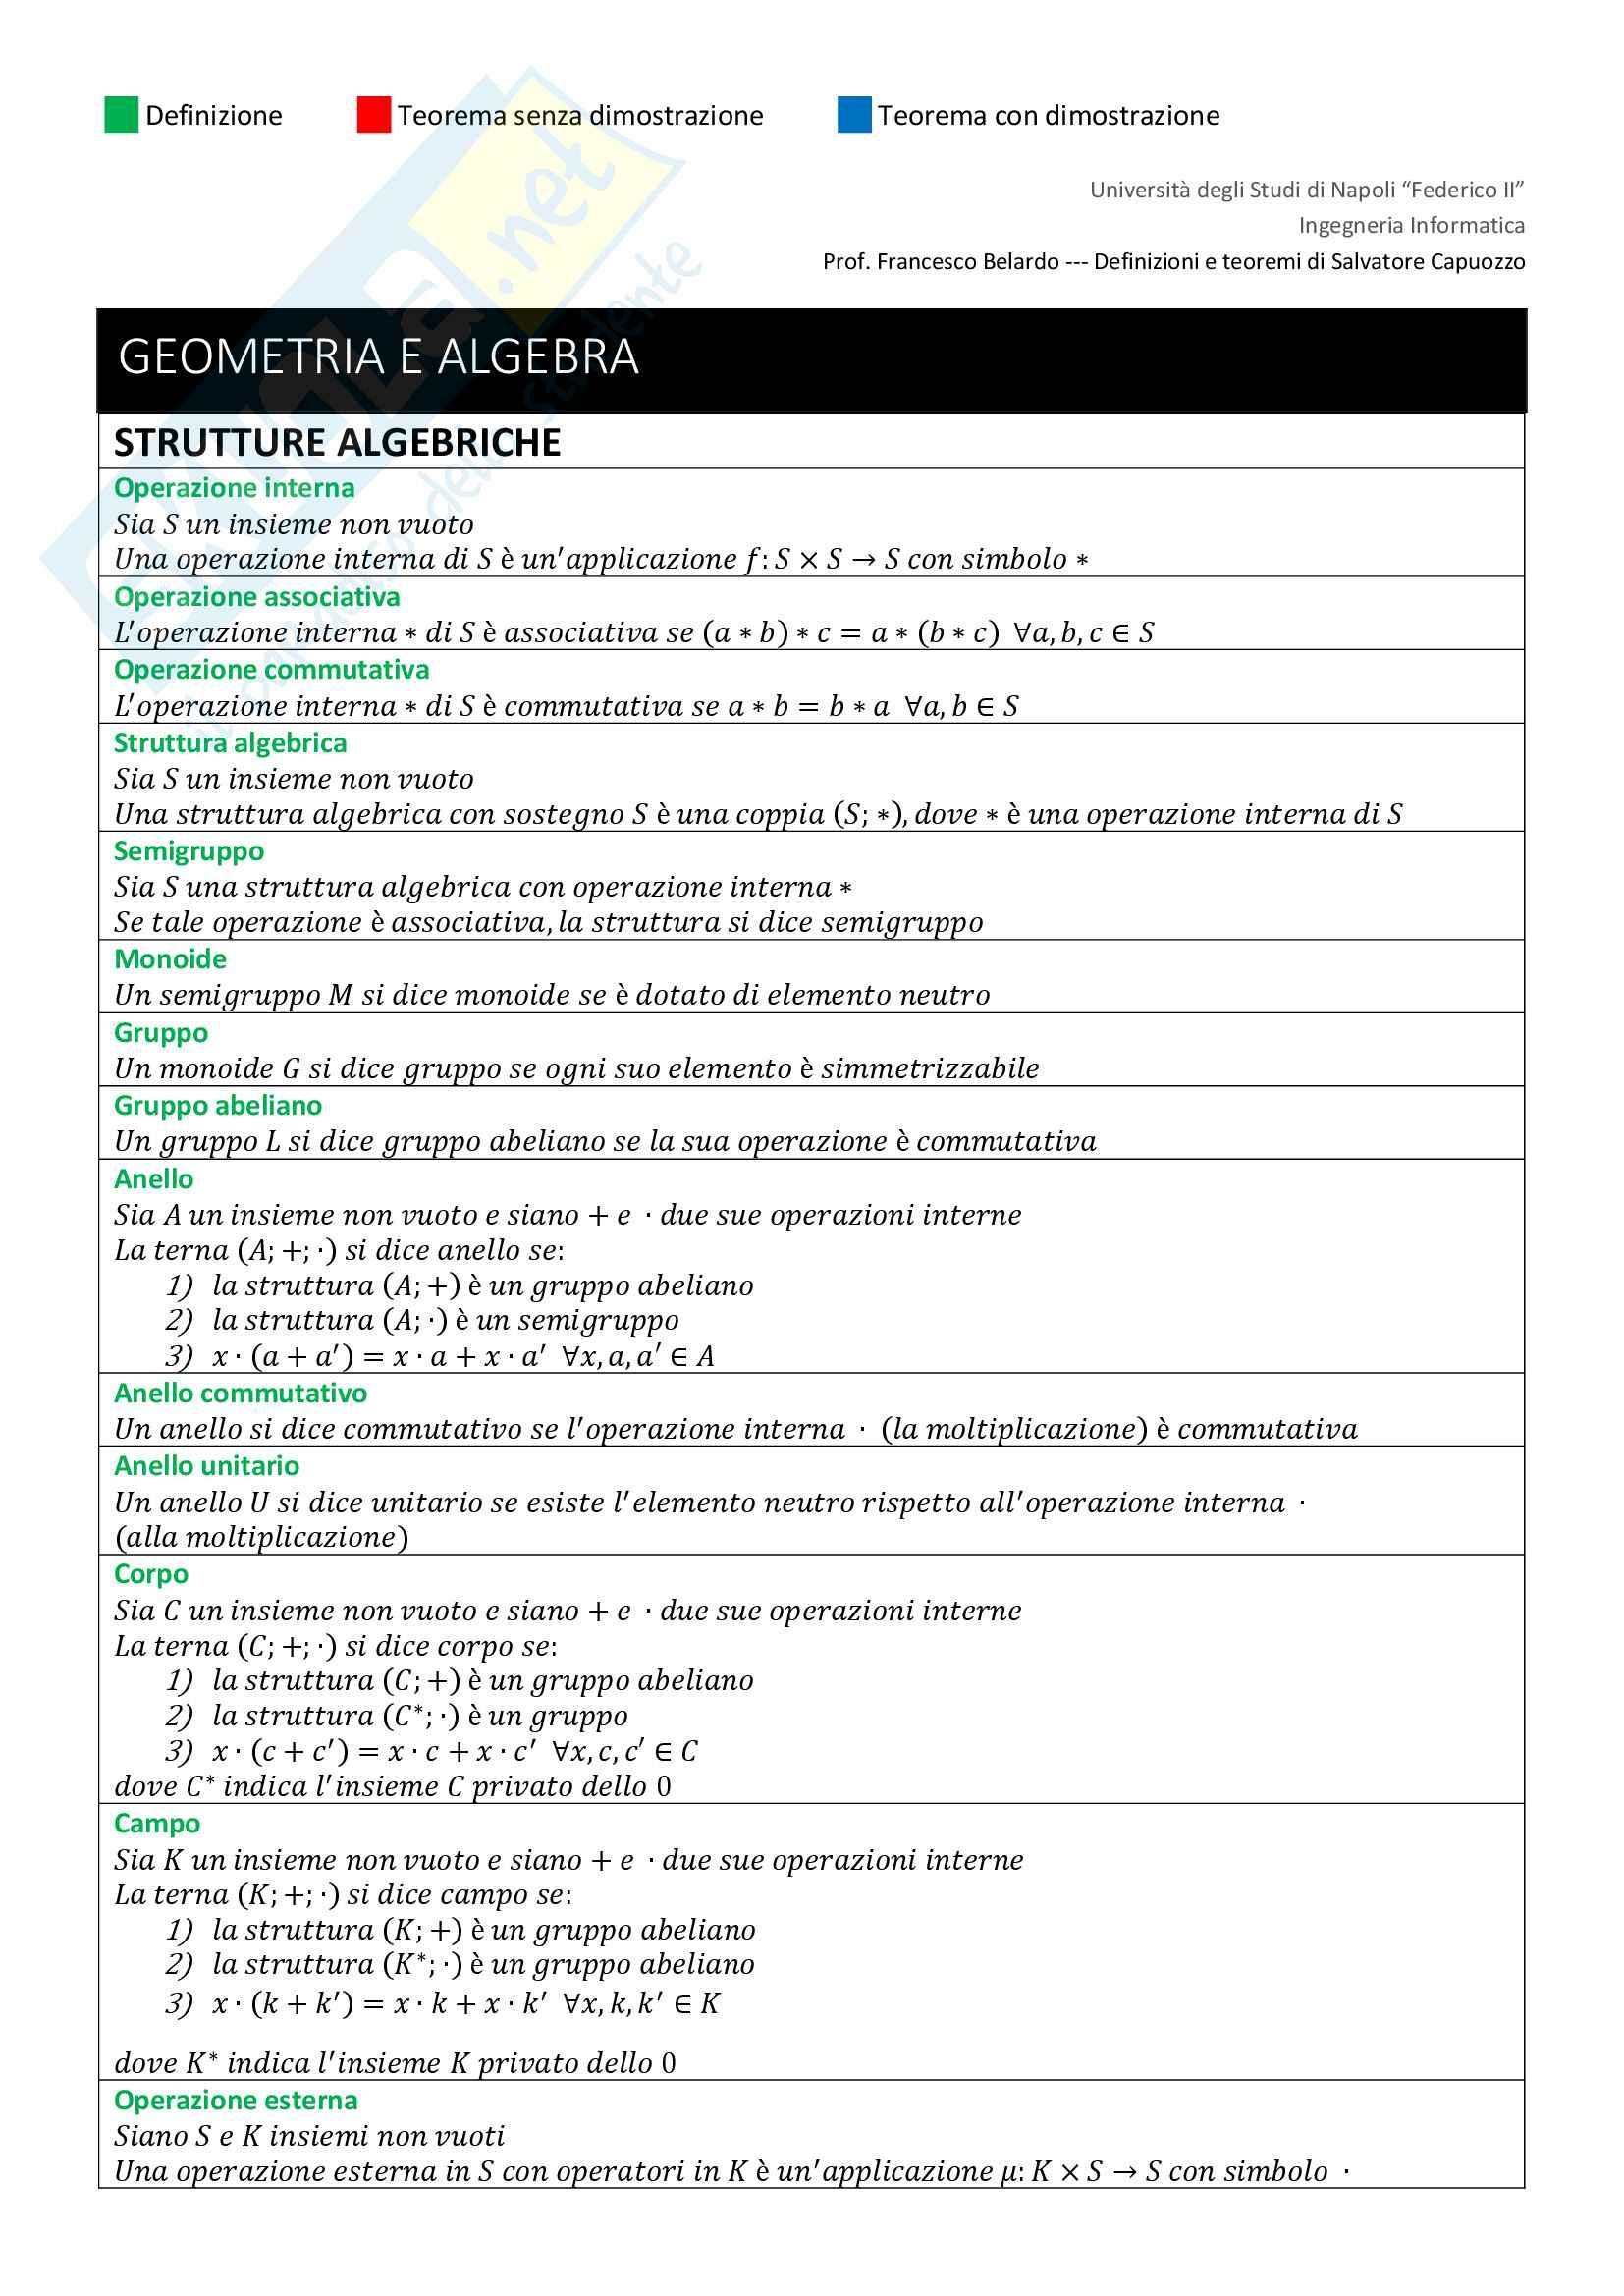 Definizioni e Teoremi di Geometria e Algebra